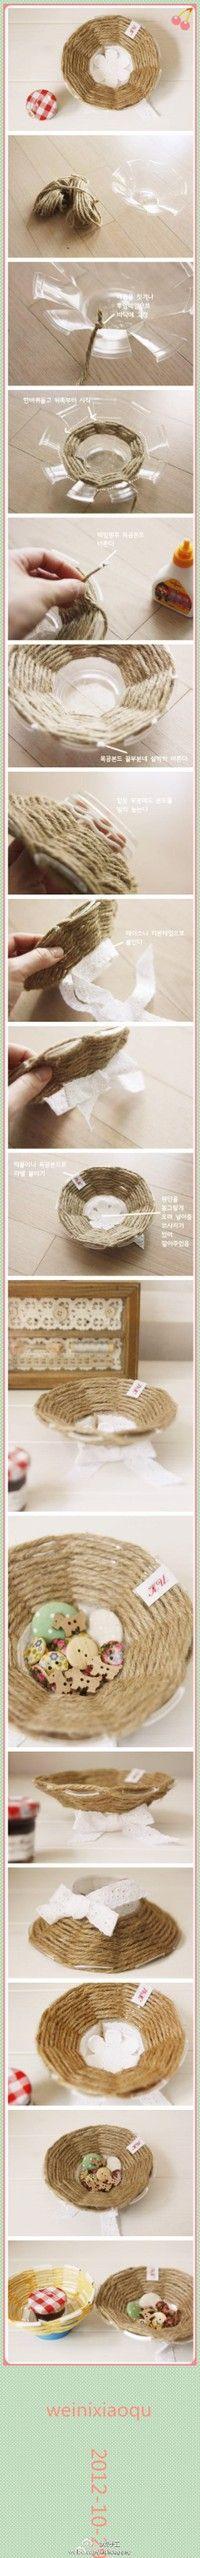 http://cdn.duitang.com/uploads/item/201301/15/20130115142610_F2Ui4.thumb.200_0.jpeg